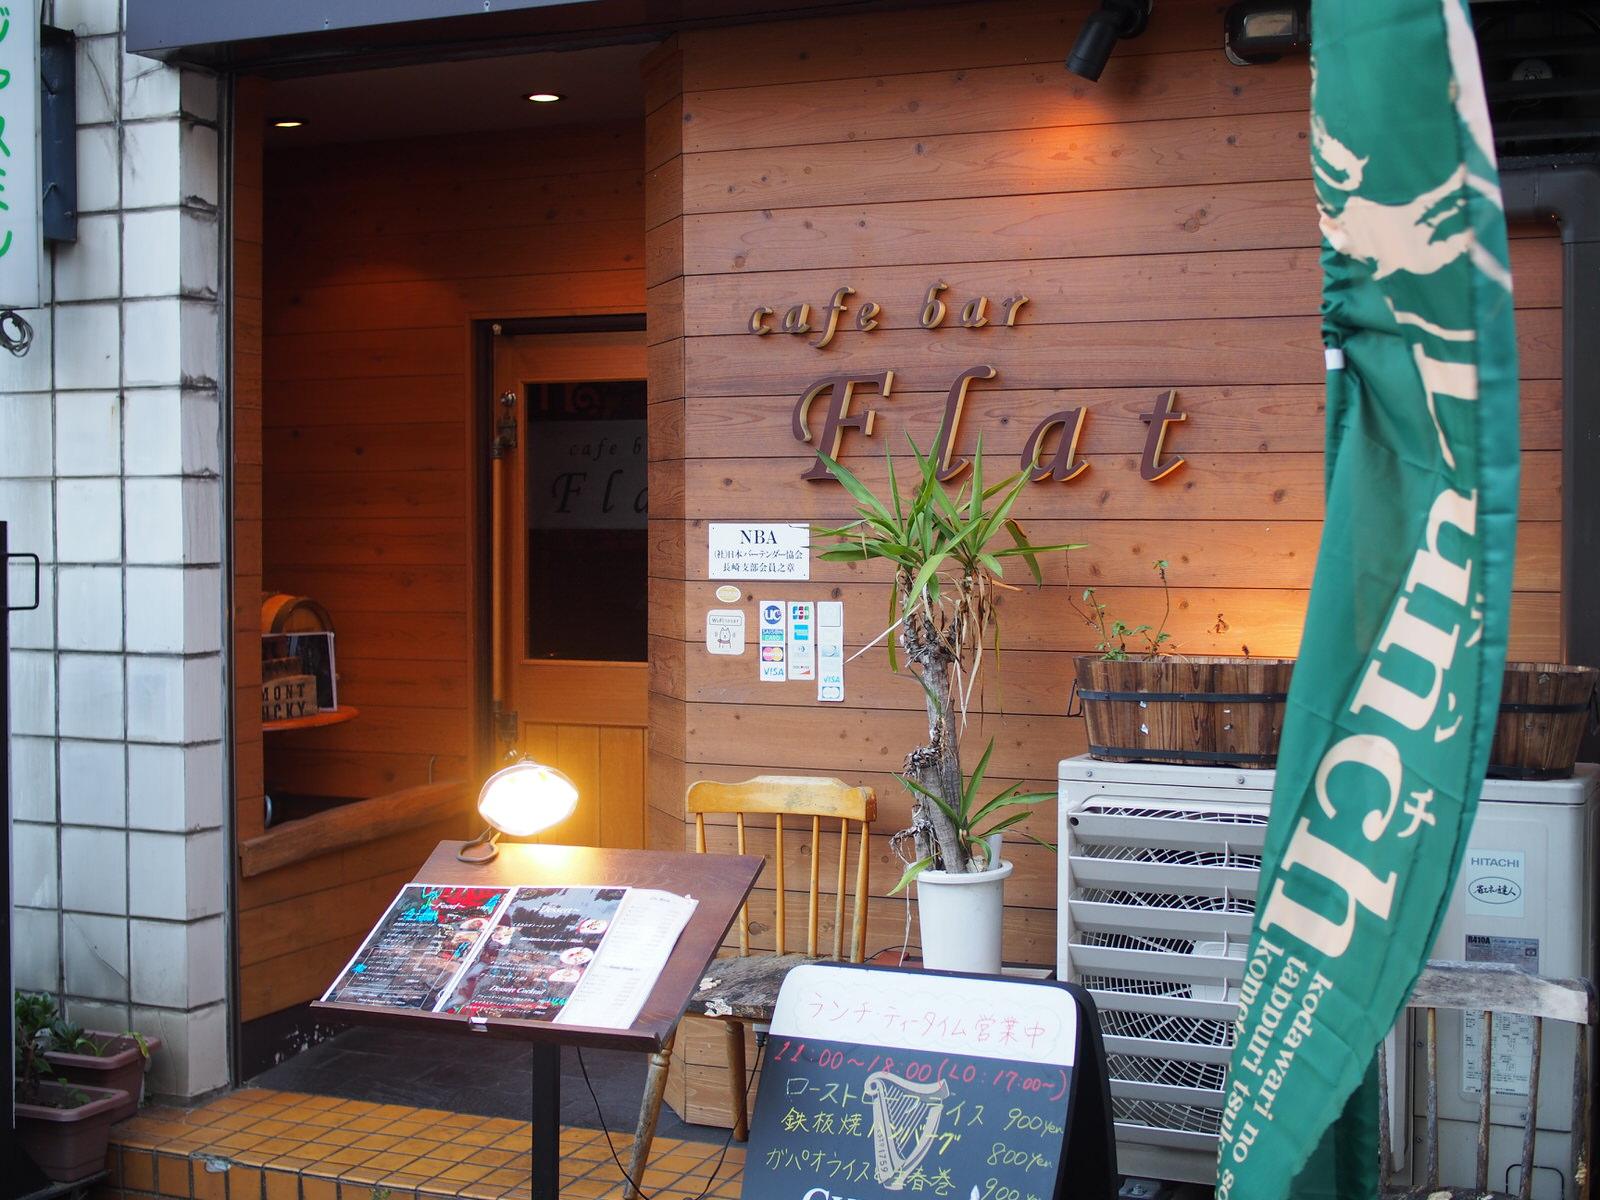 浜口の「cafe bar flat」で贅沢ランチとスイーツ始めました!!